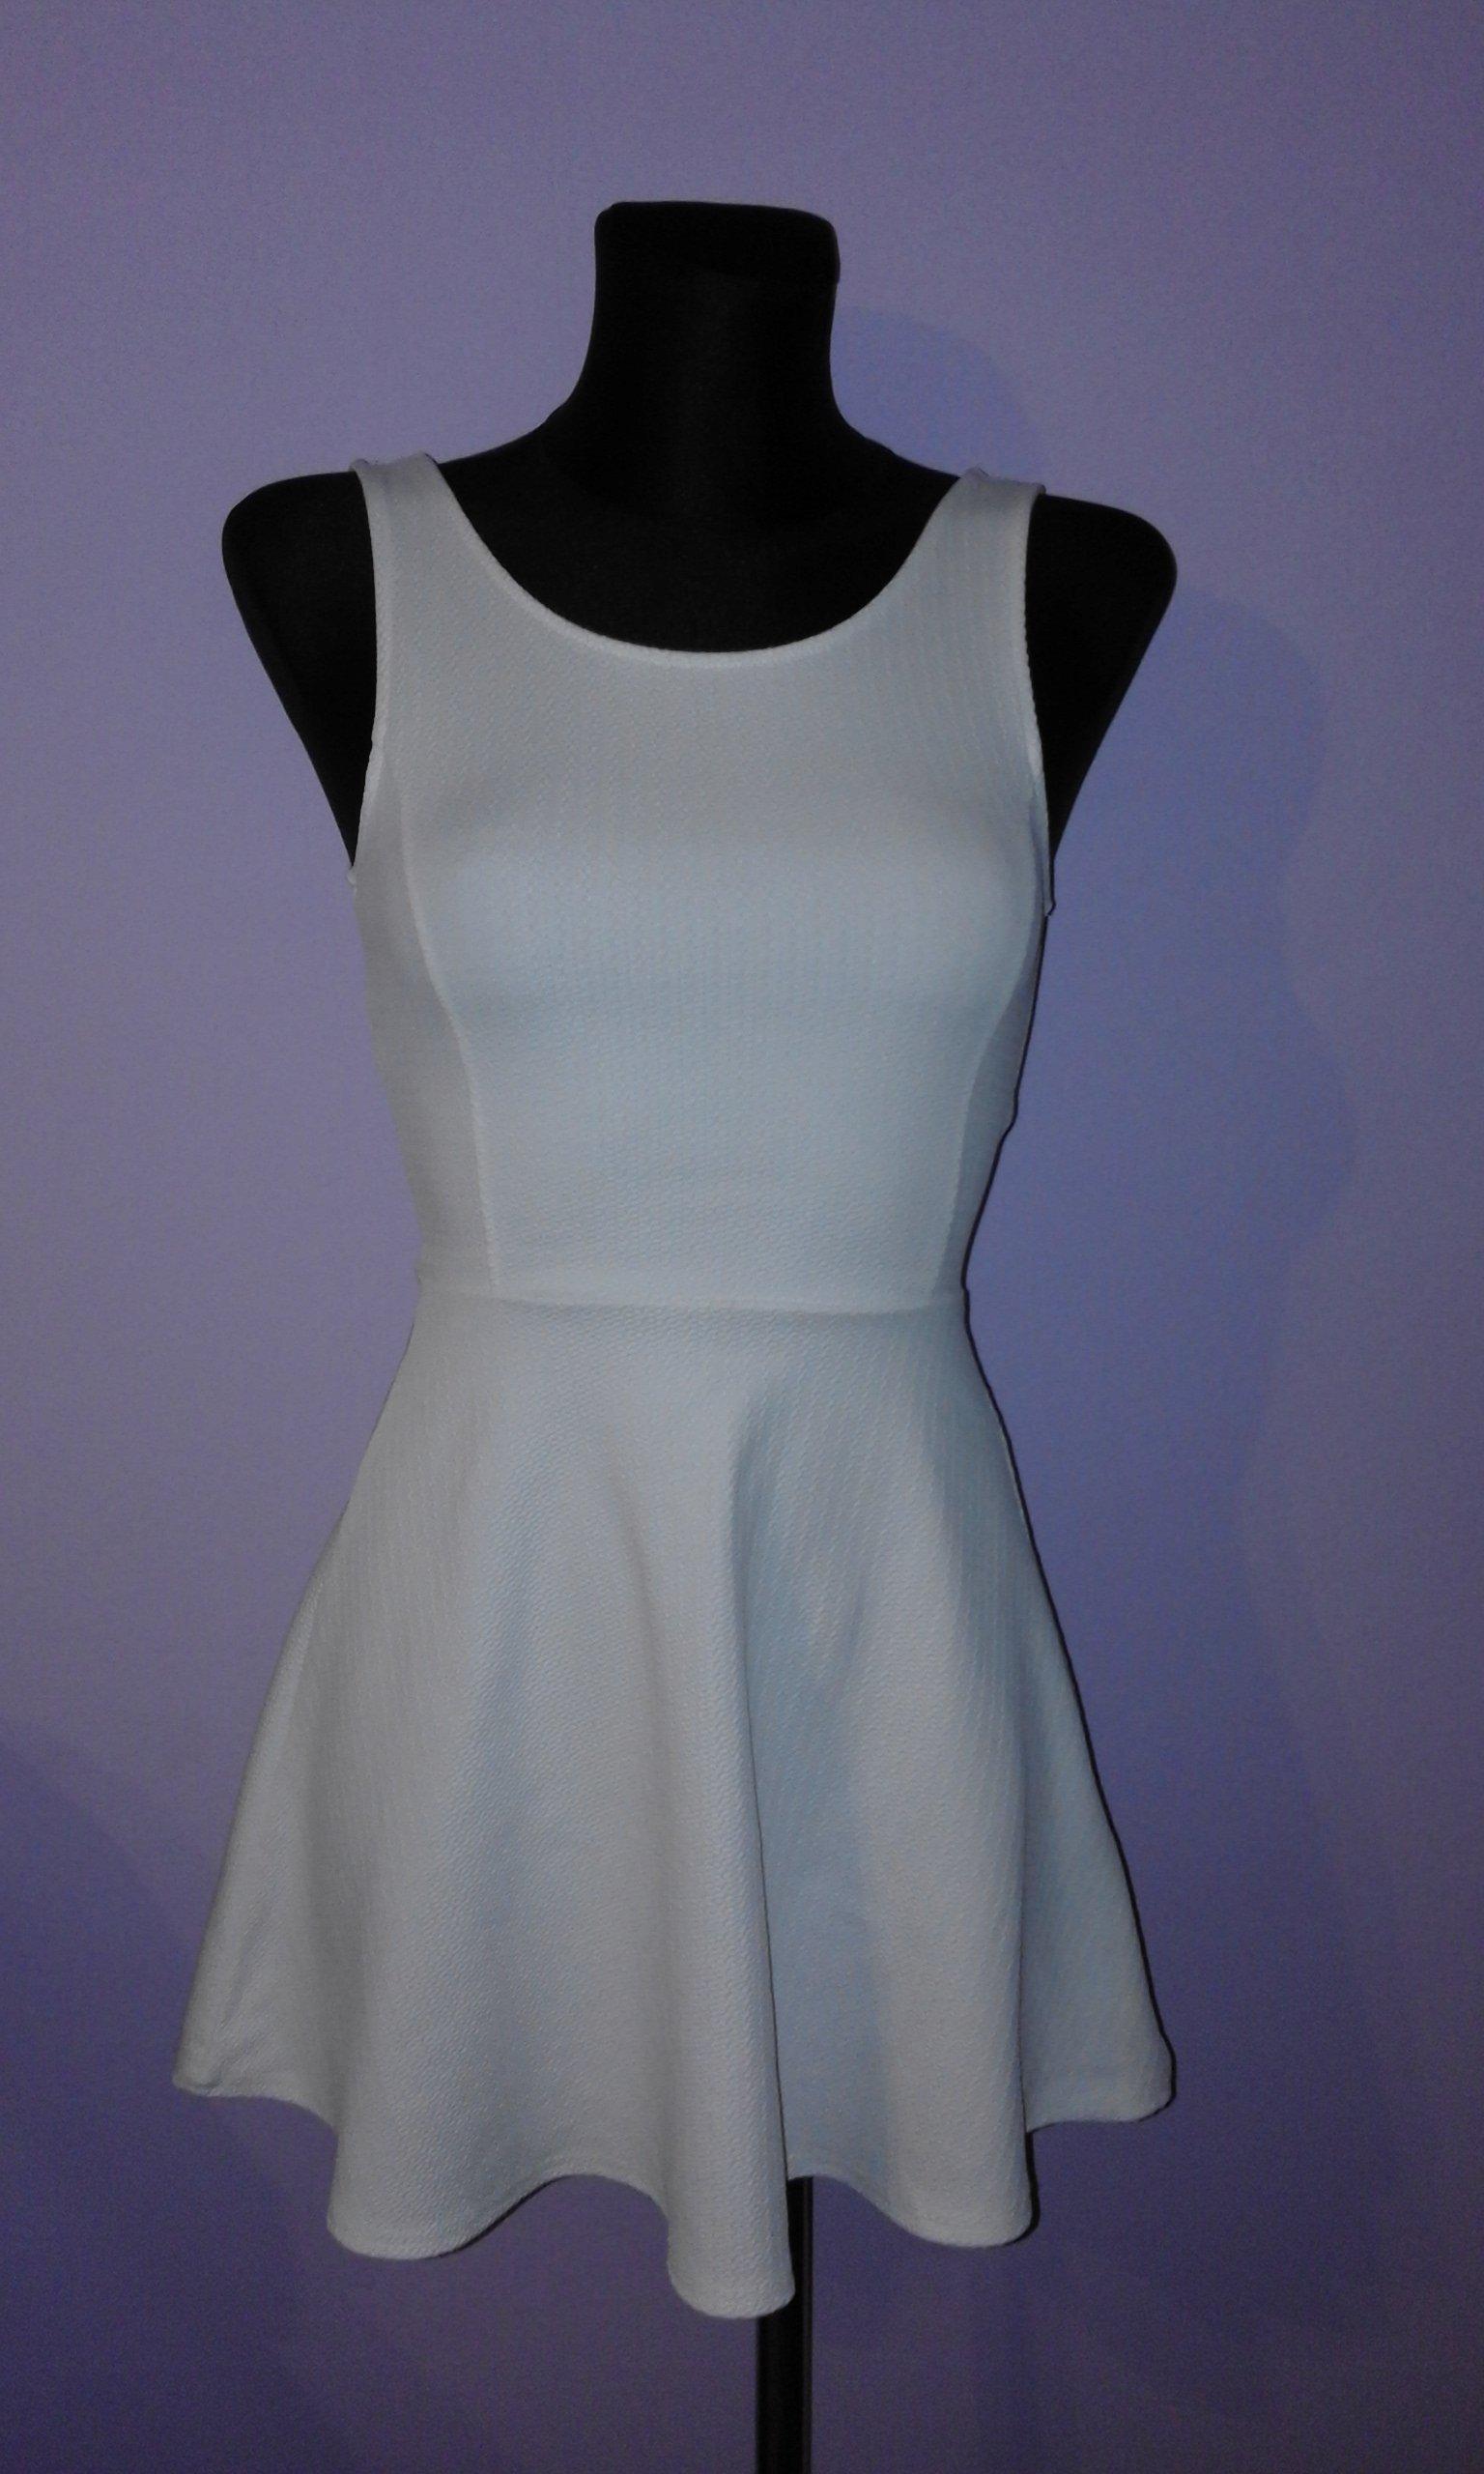 DIVIDED by H&M śliczna biała sukienka 32 34 XS